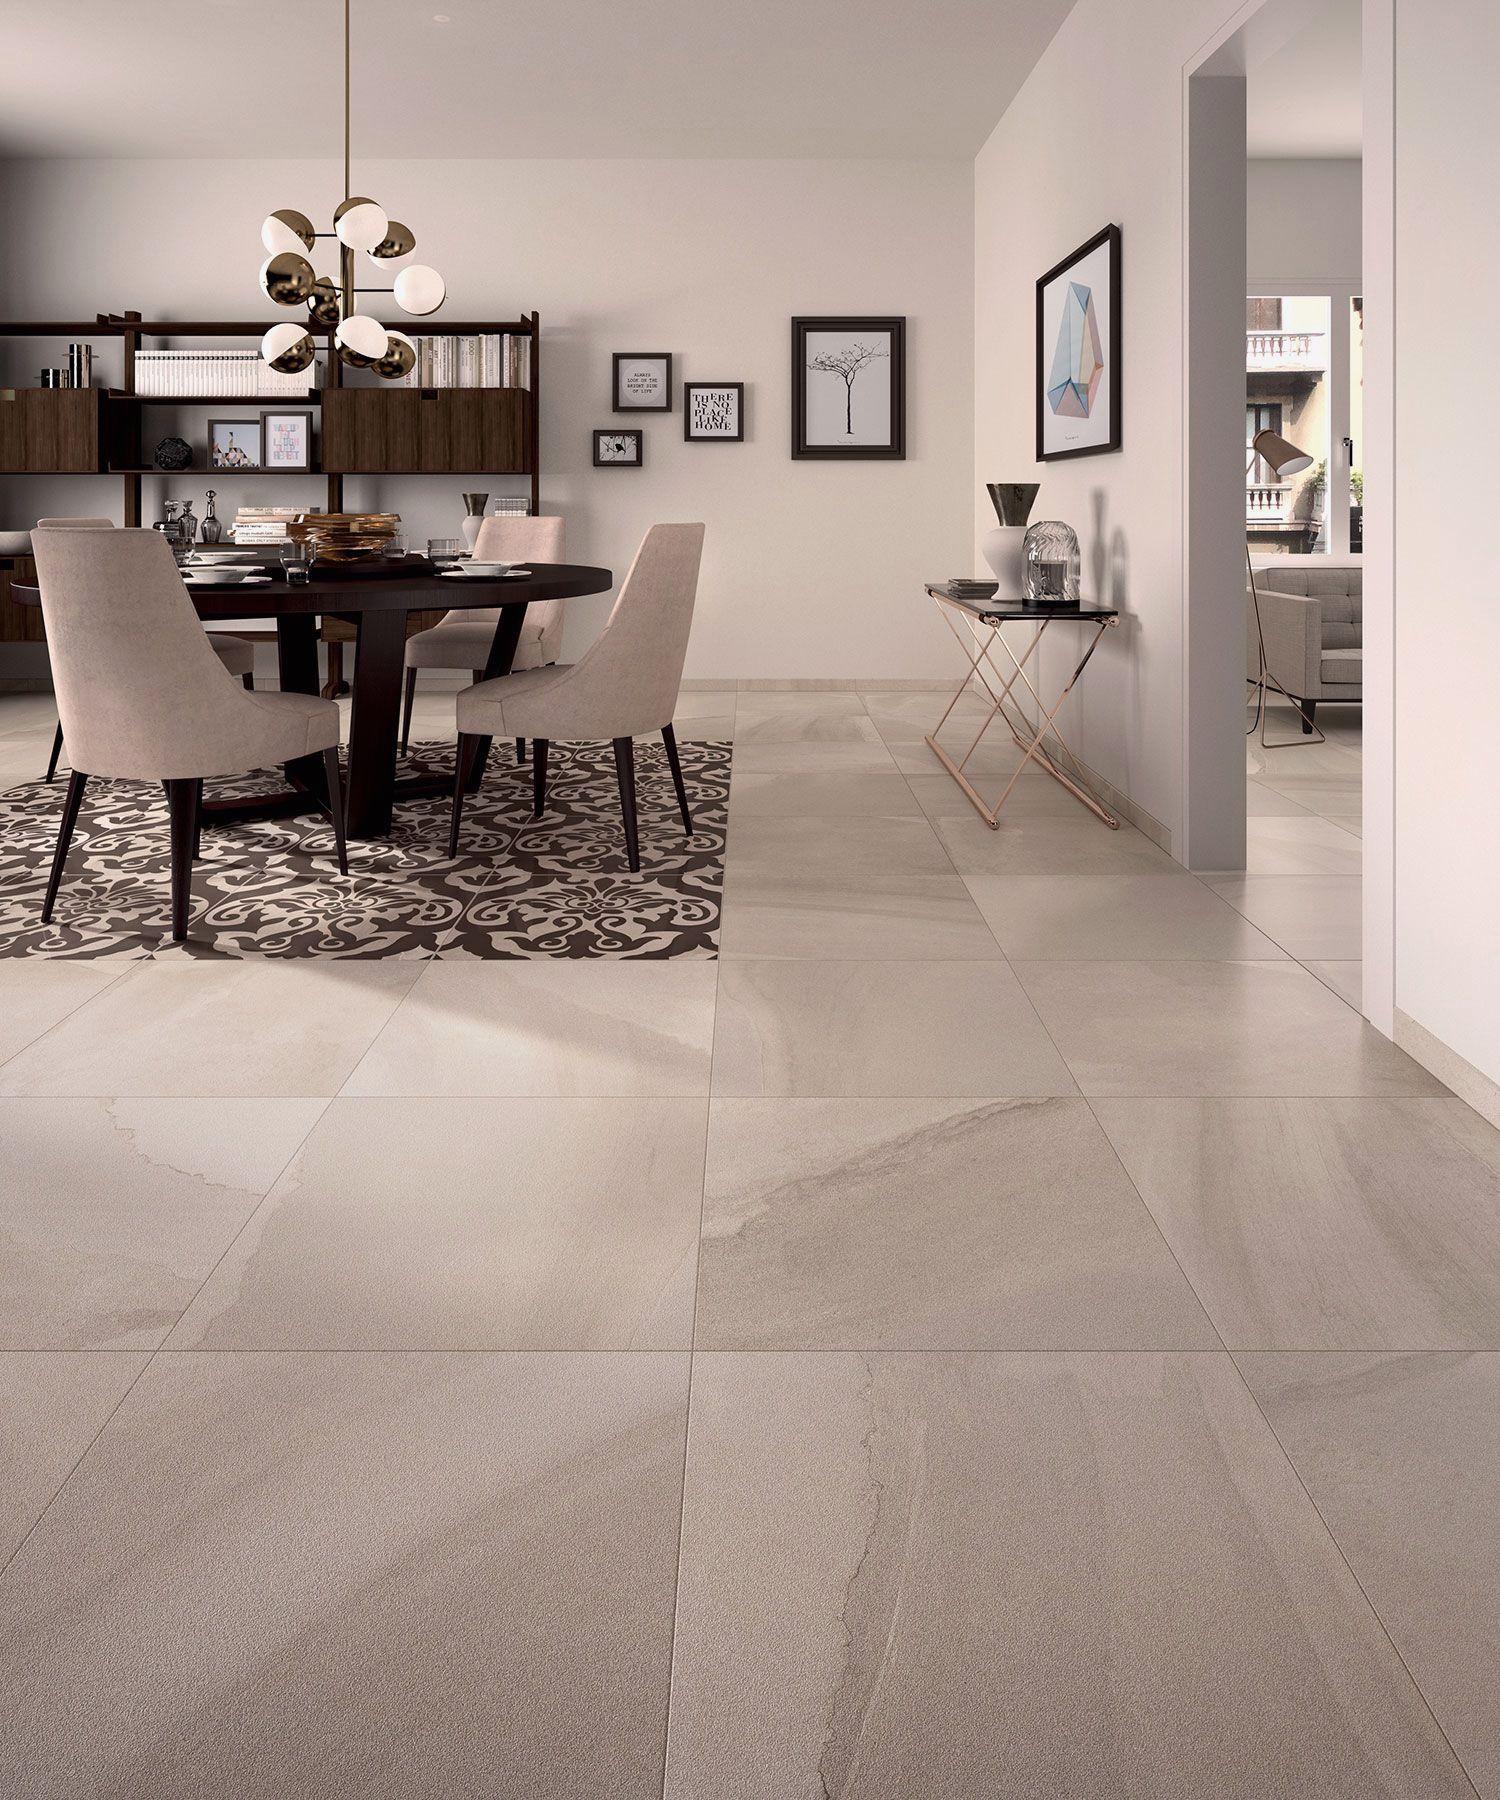 19 Floor Tile Design with Price in 2020 Tile floor